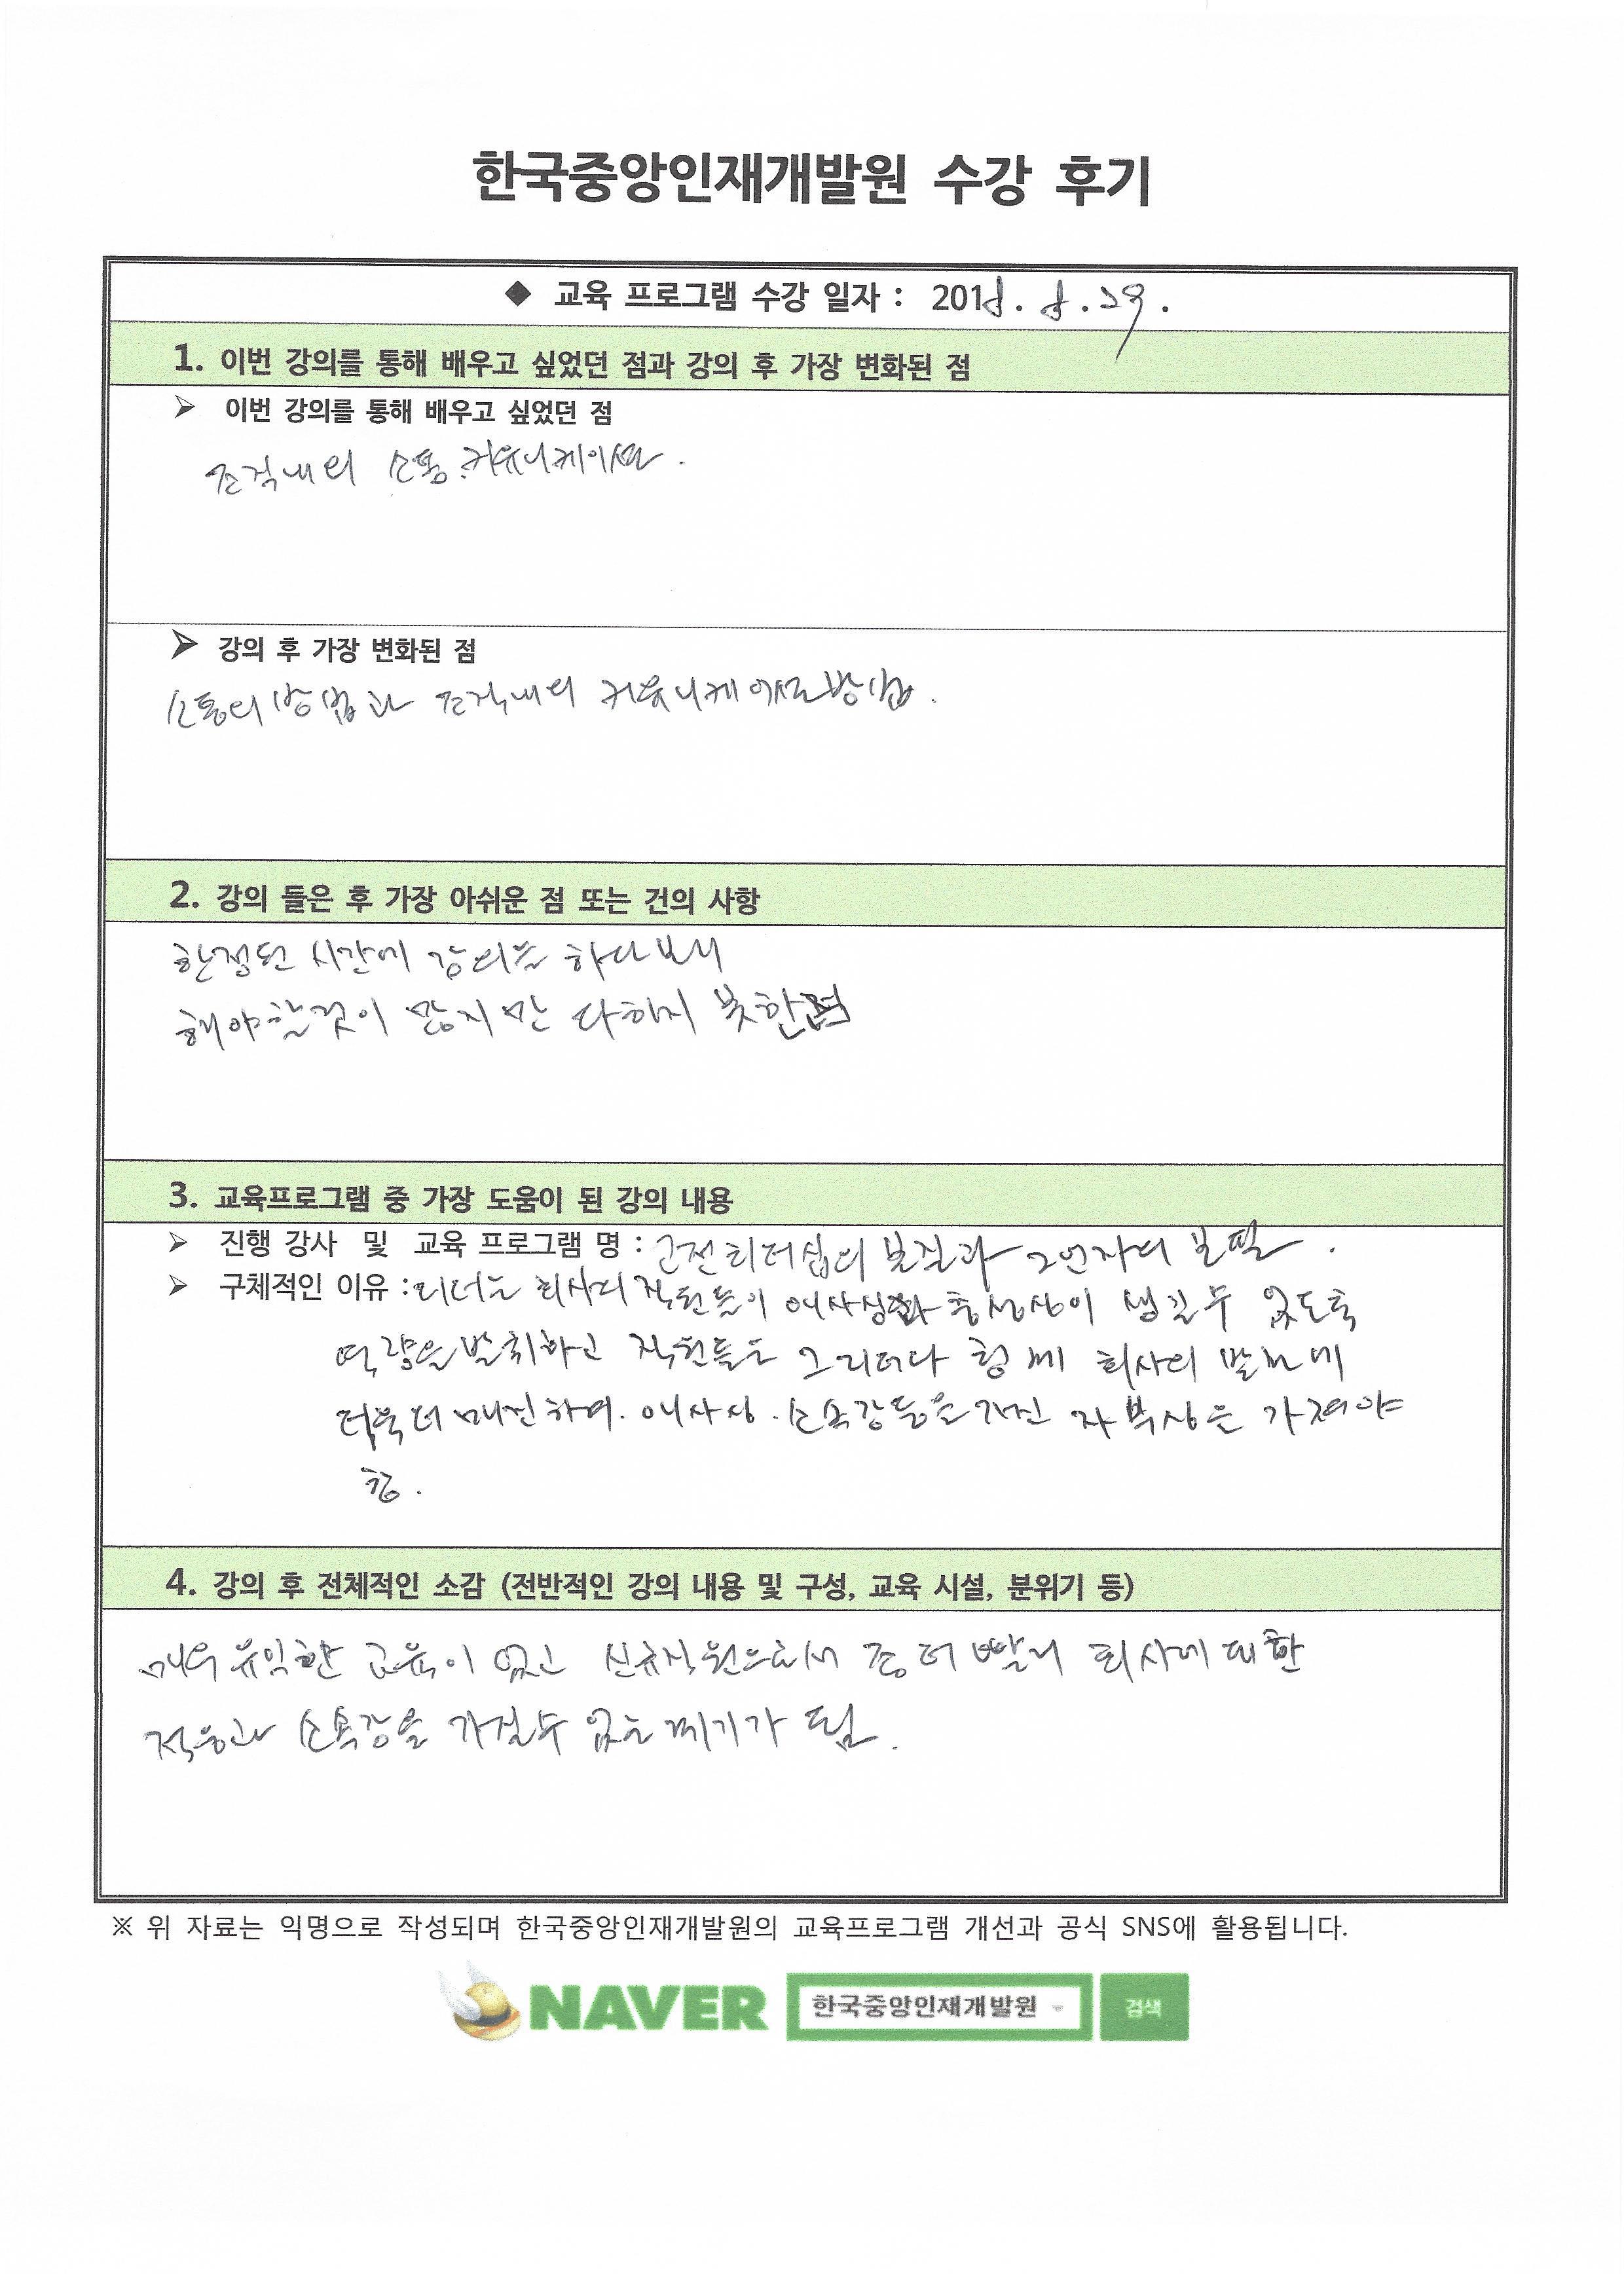 한국팜비오 후기-10 사본.JPG